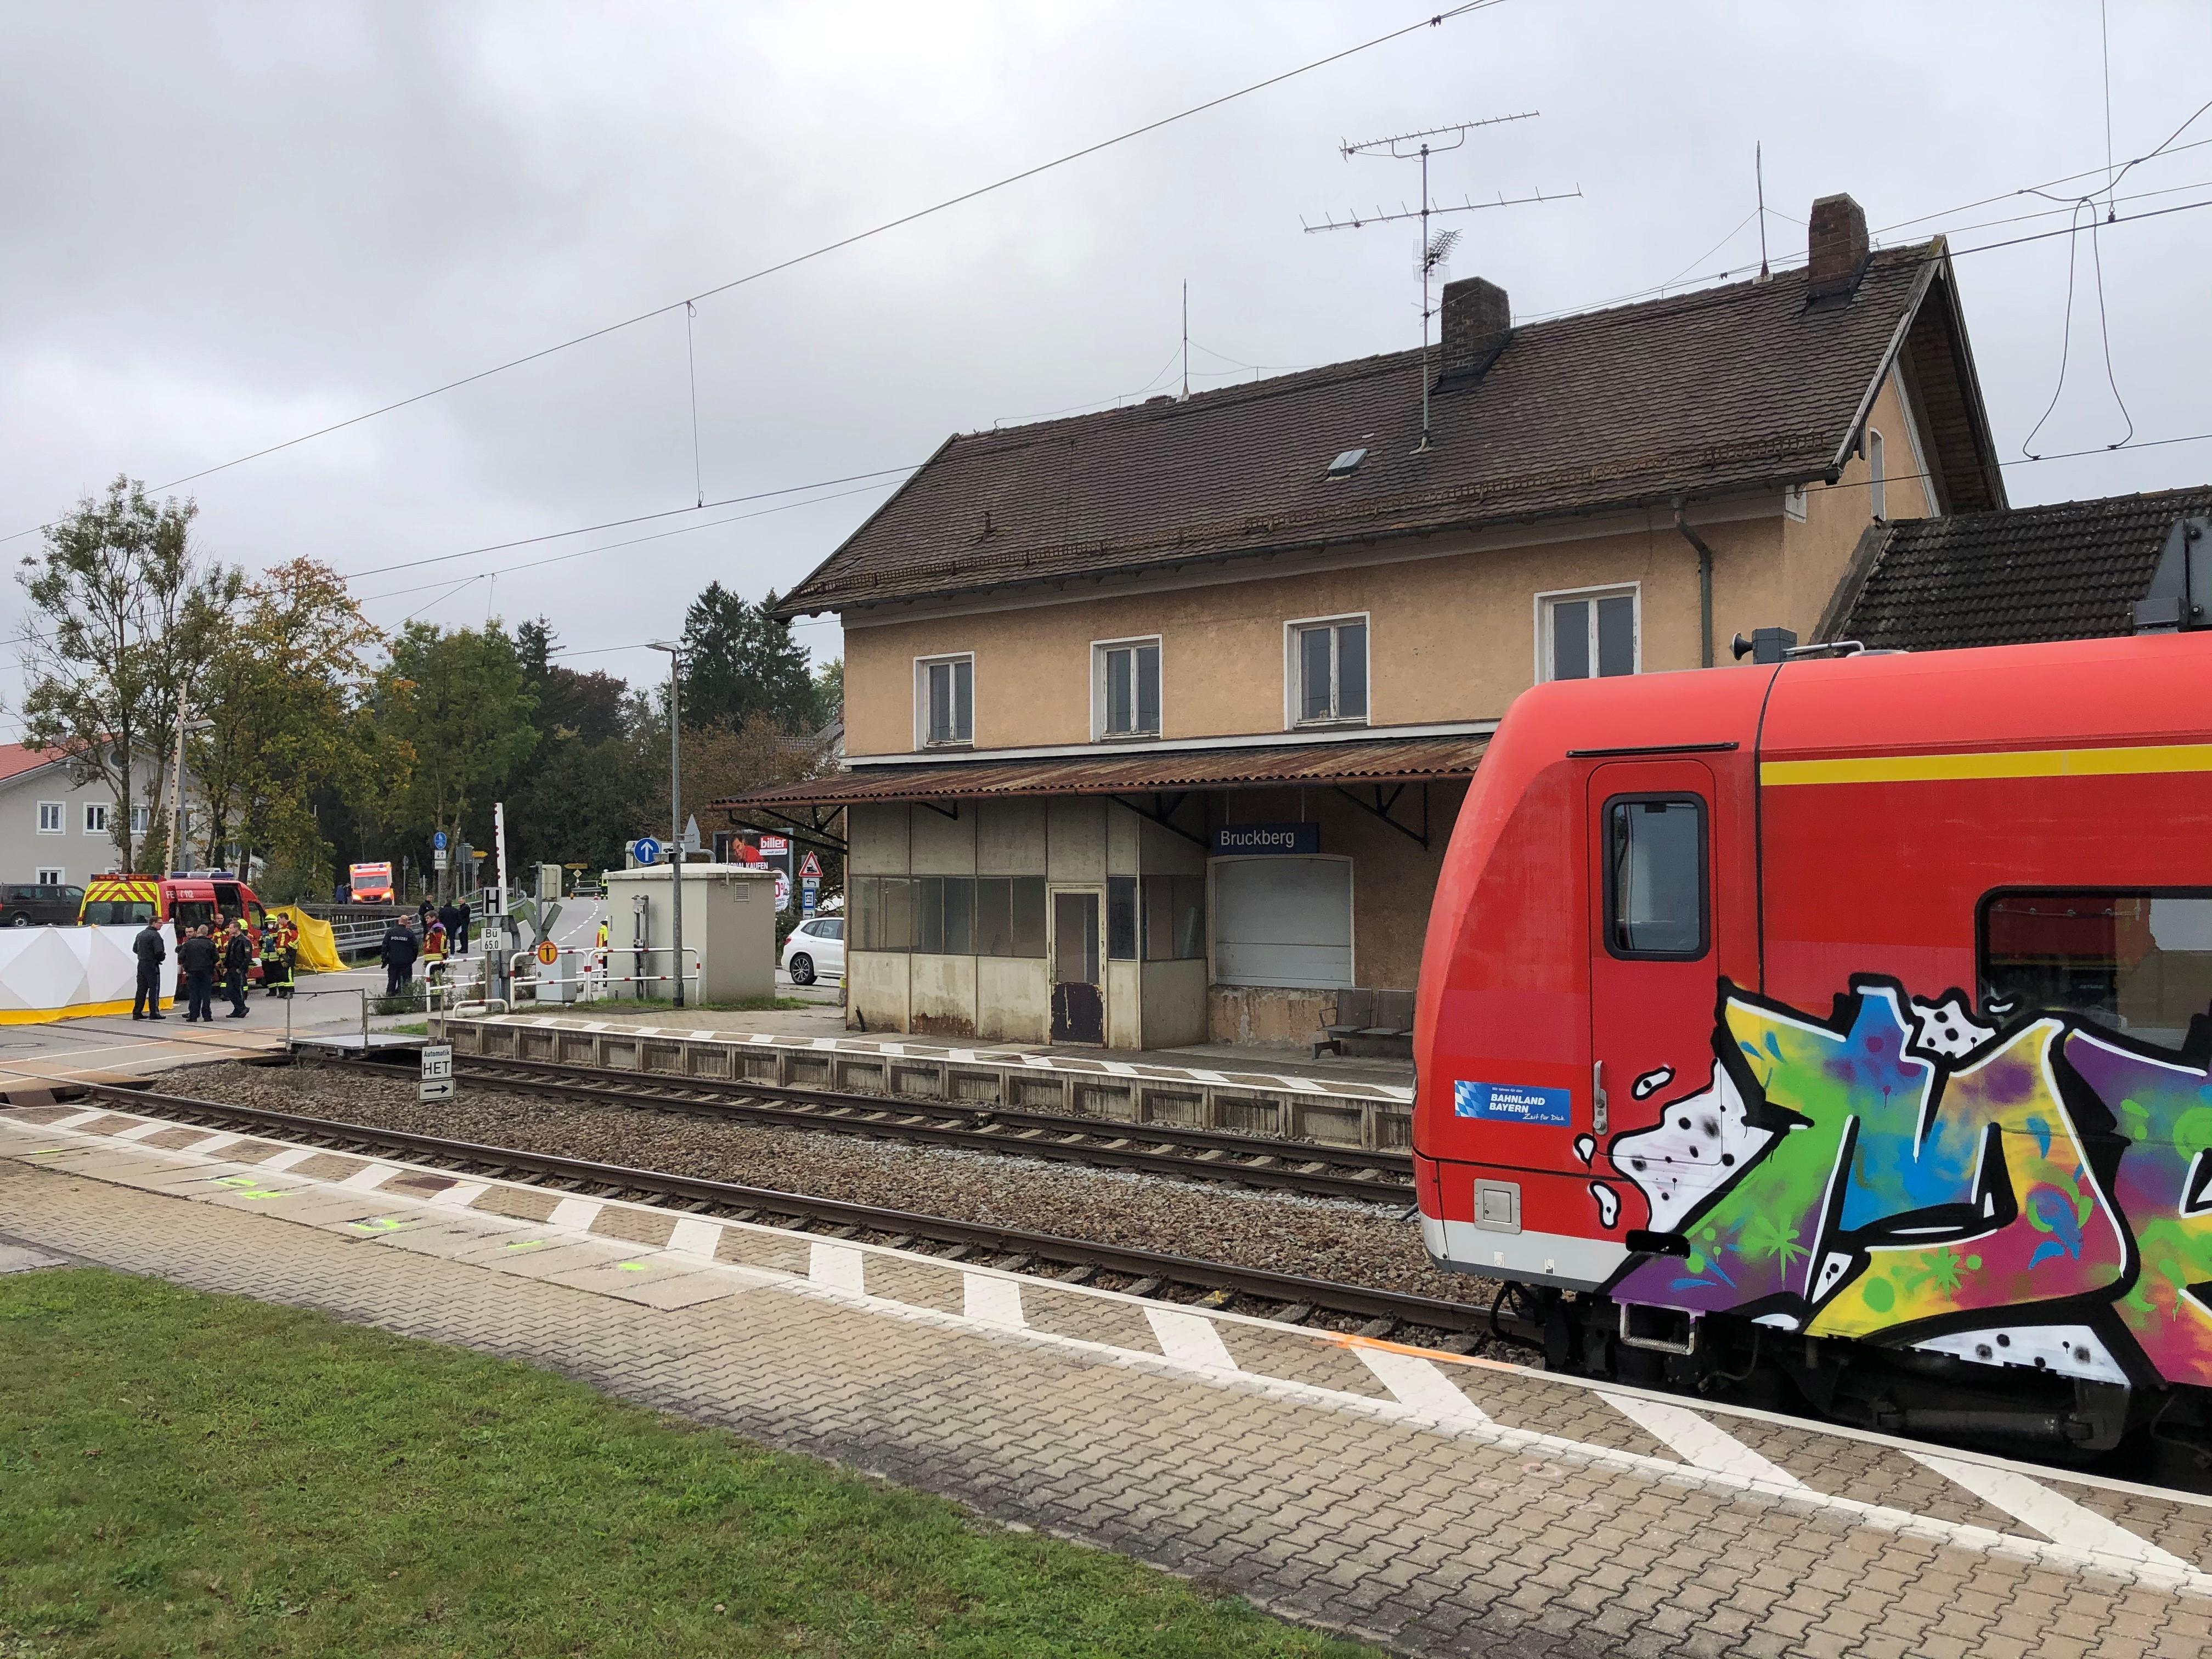 Bayern: Zwei Schüler von Regionalzug erfasst und tödlich verletzt